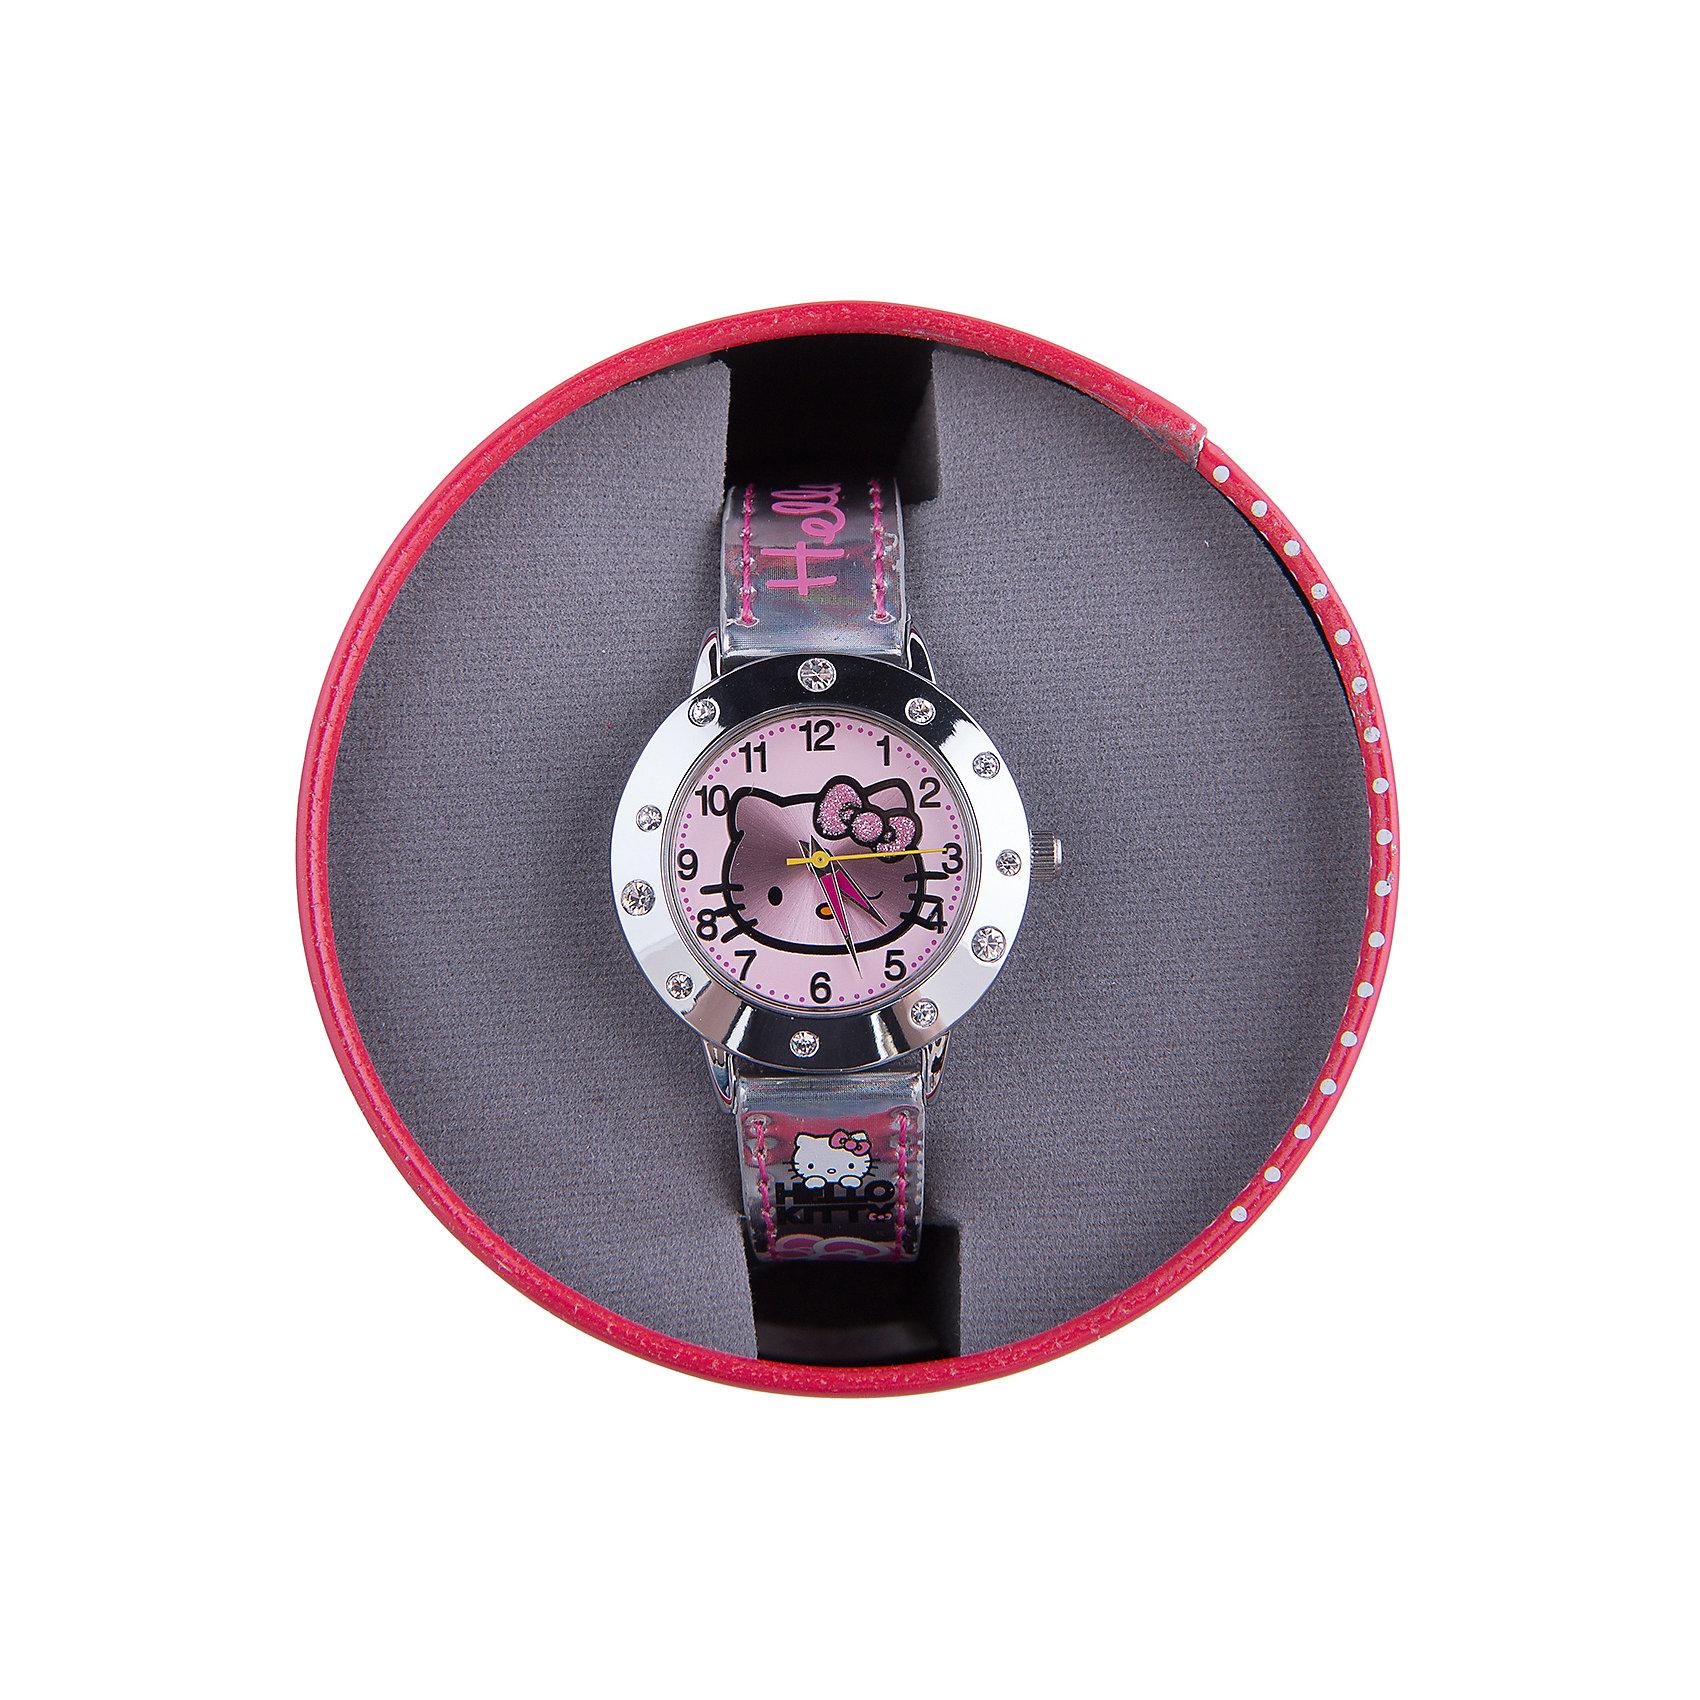 Часы наручные аналоговые, Hello KittyЭксклюзивные наручные аналоговые часы торговой марки Hello Kitty выполнены по индивидуальному дизайну ООО «Детское Время» и лицензии компании Sanrio. Обилие деталей - декоративных элементов (страз, мерцающих ремешков), надписей,  уникальных изображений - делают изделие тщательно продуманным творением мастеров. Часы имеют высококачественный японский кварцевый механизм и отличаются надежностью и точностью хода. Часы водоустойчивы и обладают достаточной герметичностью, чтобы спокойно перенести случайный и незначительный контакт с жидкостями (дождь, брызги), но они не предназначены для плавания или погружения в воду. Циферблат защищен от повреждений прочным минеральным стеклом. Корпус часов выполнен из стали,  задняя крышка из нержавеющей стали. Материал браслета: искусственная кожа. Единица товара упаковывается в стильную подарочную коробочку. Неповторимый стиль с изобилием насыщенных и в тоже время нежных гамм; надежность и прочность изделия позволяют говорить о нем только в превосходной степени!<br><br>Ширина мм: 55<br>Глубина мм: 10<br>Высота мм: 250<br>Вес г: 29<br>Возраст от месяцев: 36<br>Возраст до месяцев: 72<br>Пол: Женский<br>Возраст: Детский<br>SKU: 5529338